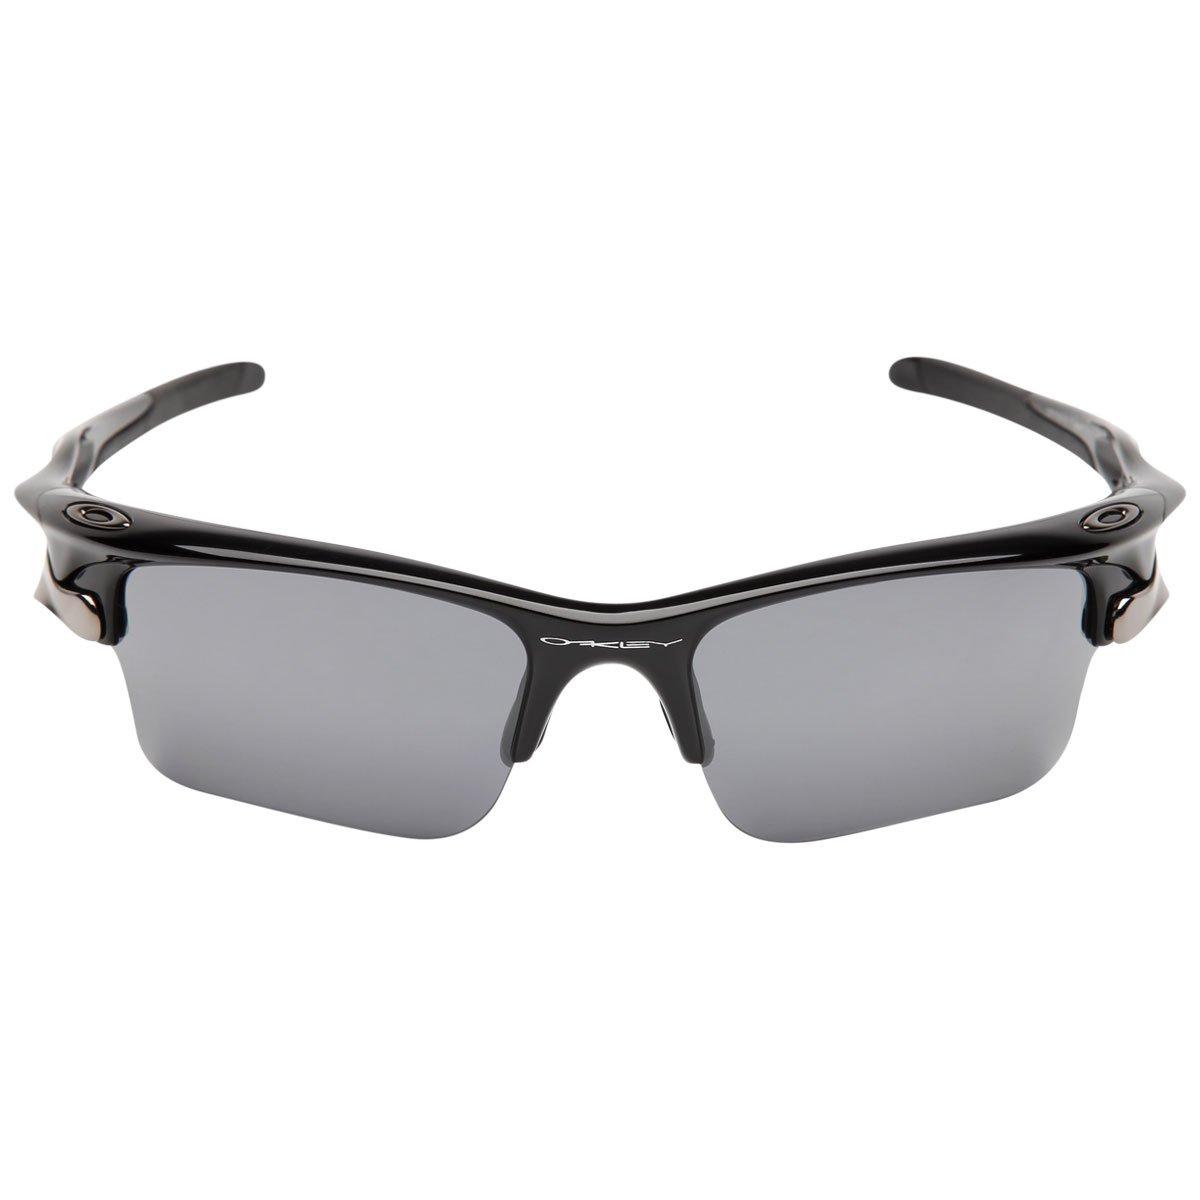 3a9fa33fba6be Óculos Oakley Fast Jacket XL - Compre Agora   Netshoes